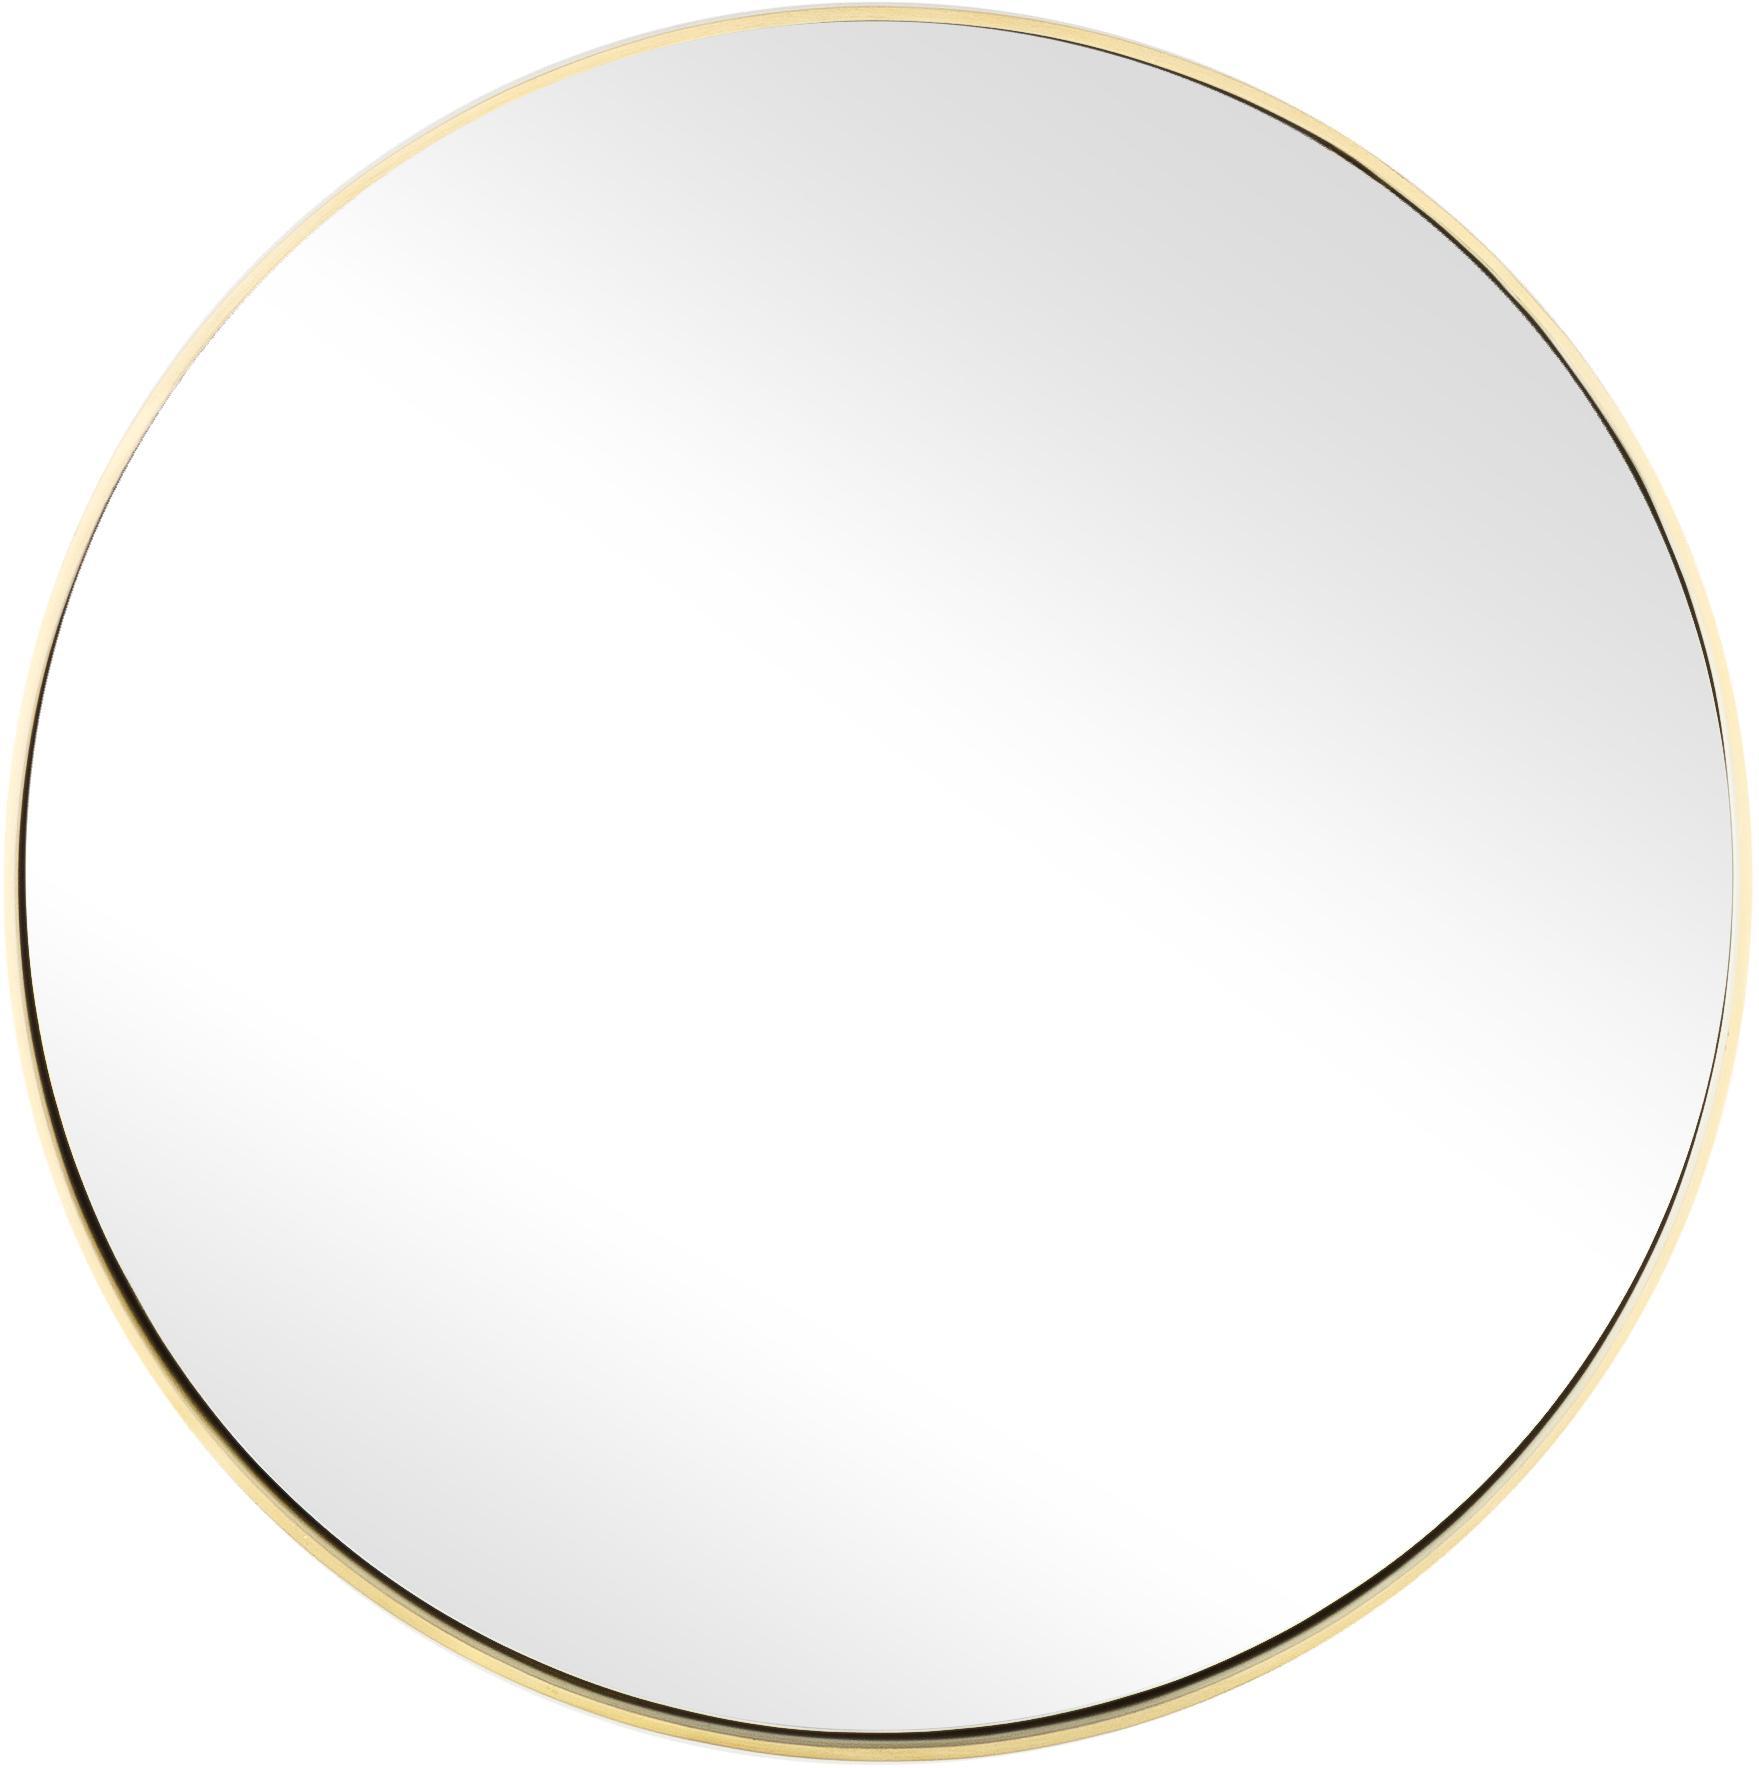 Ronde wandspiegel Ada met goudkleurige lijst, Frame: vermessingd ijzer, Geborsteld messingkleurig, Ø 40 cm